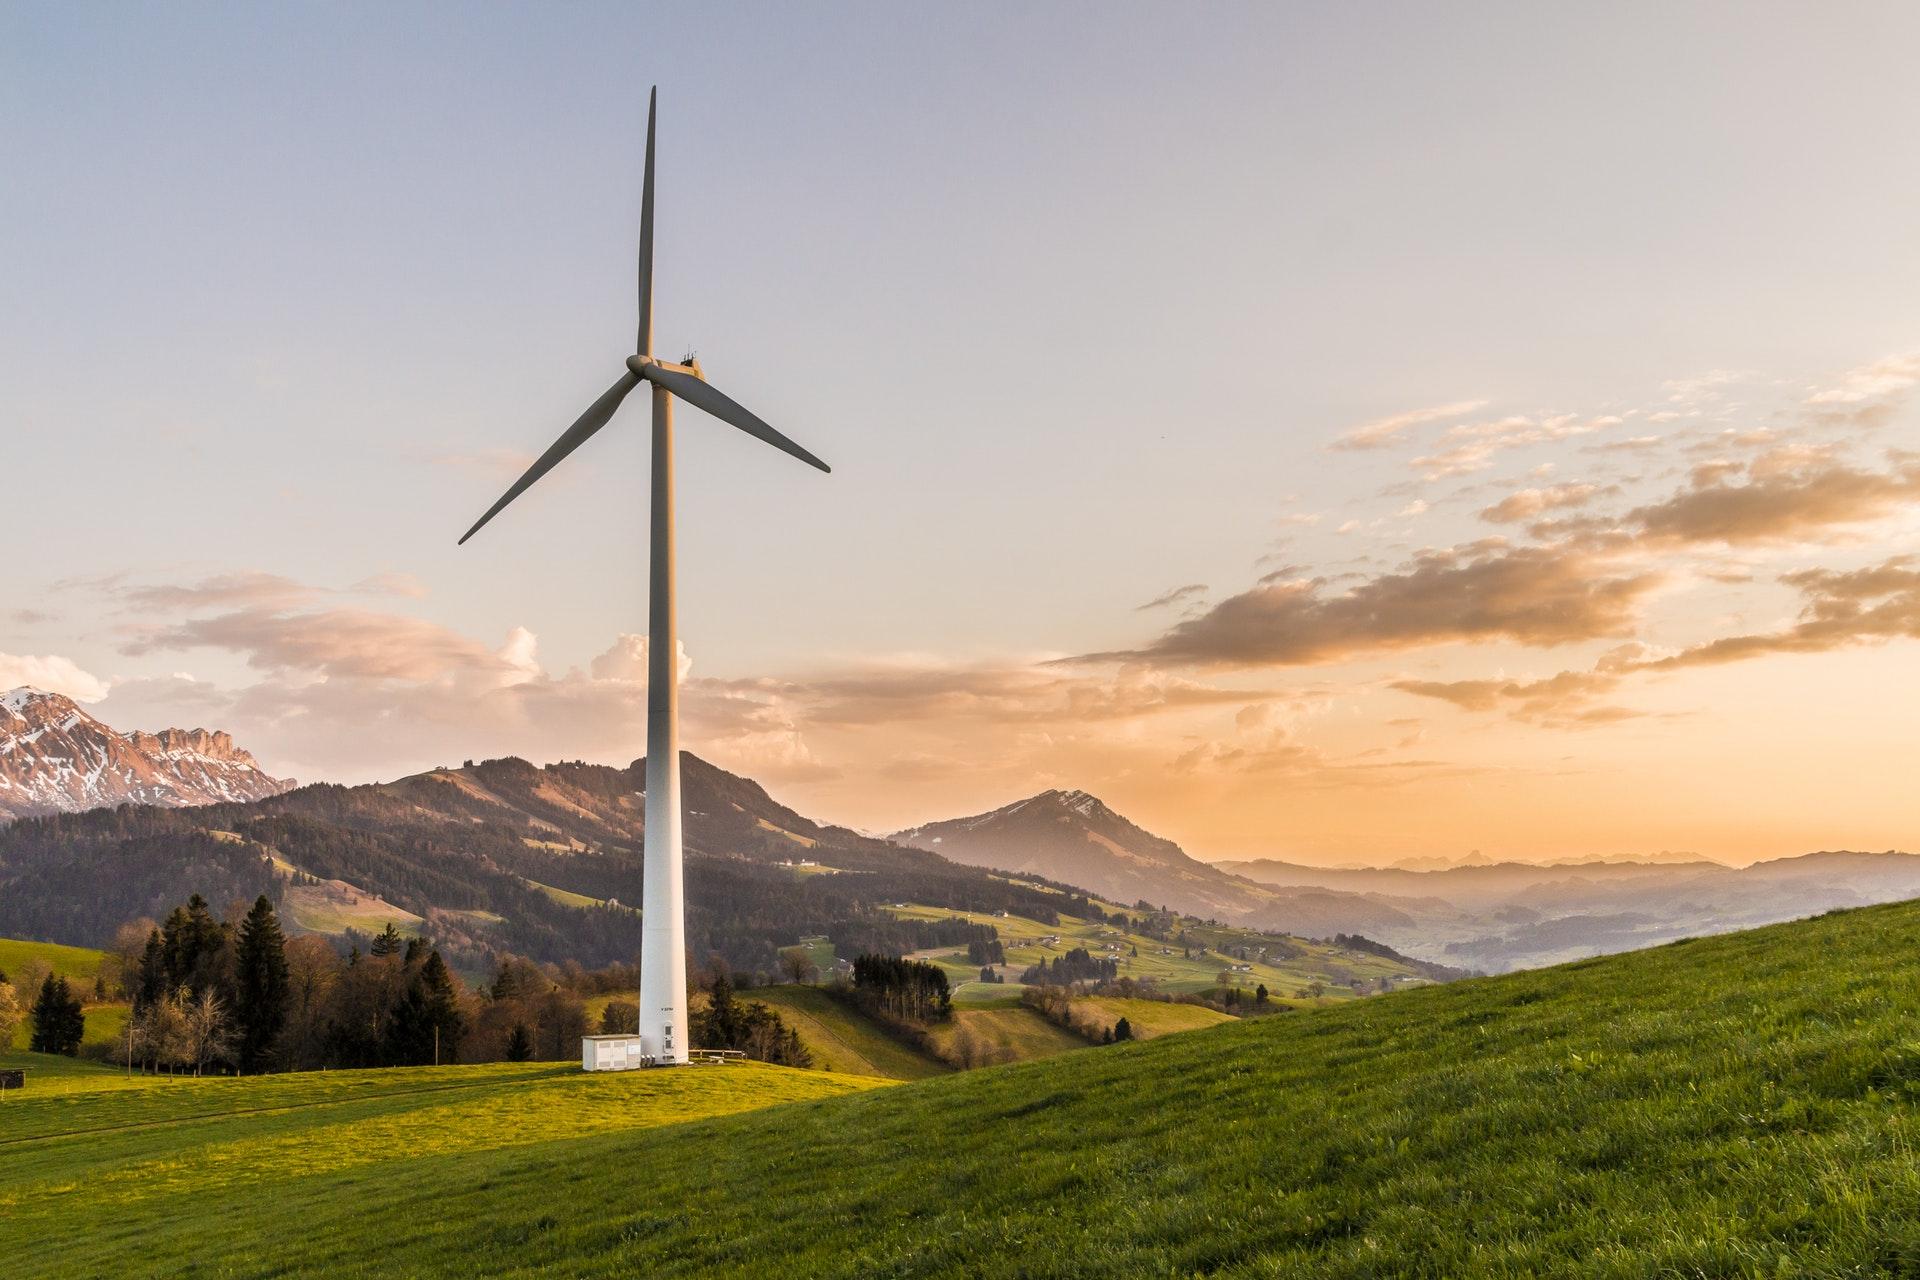 Una gran torre de generación de energía eólica está en un gran pasto verde. Al fondo hay montañas, con algunas cumbres cubiertas de hielo. El cielo está azul y con tonos más anaranjados y amarillos en la parte más baja, con pocas nubes.